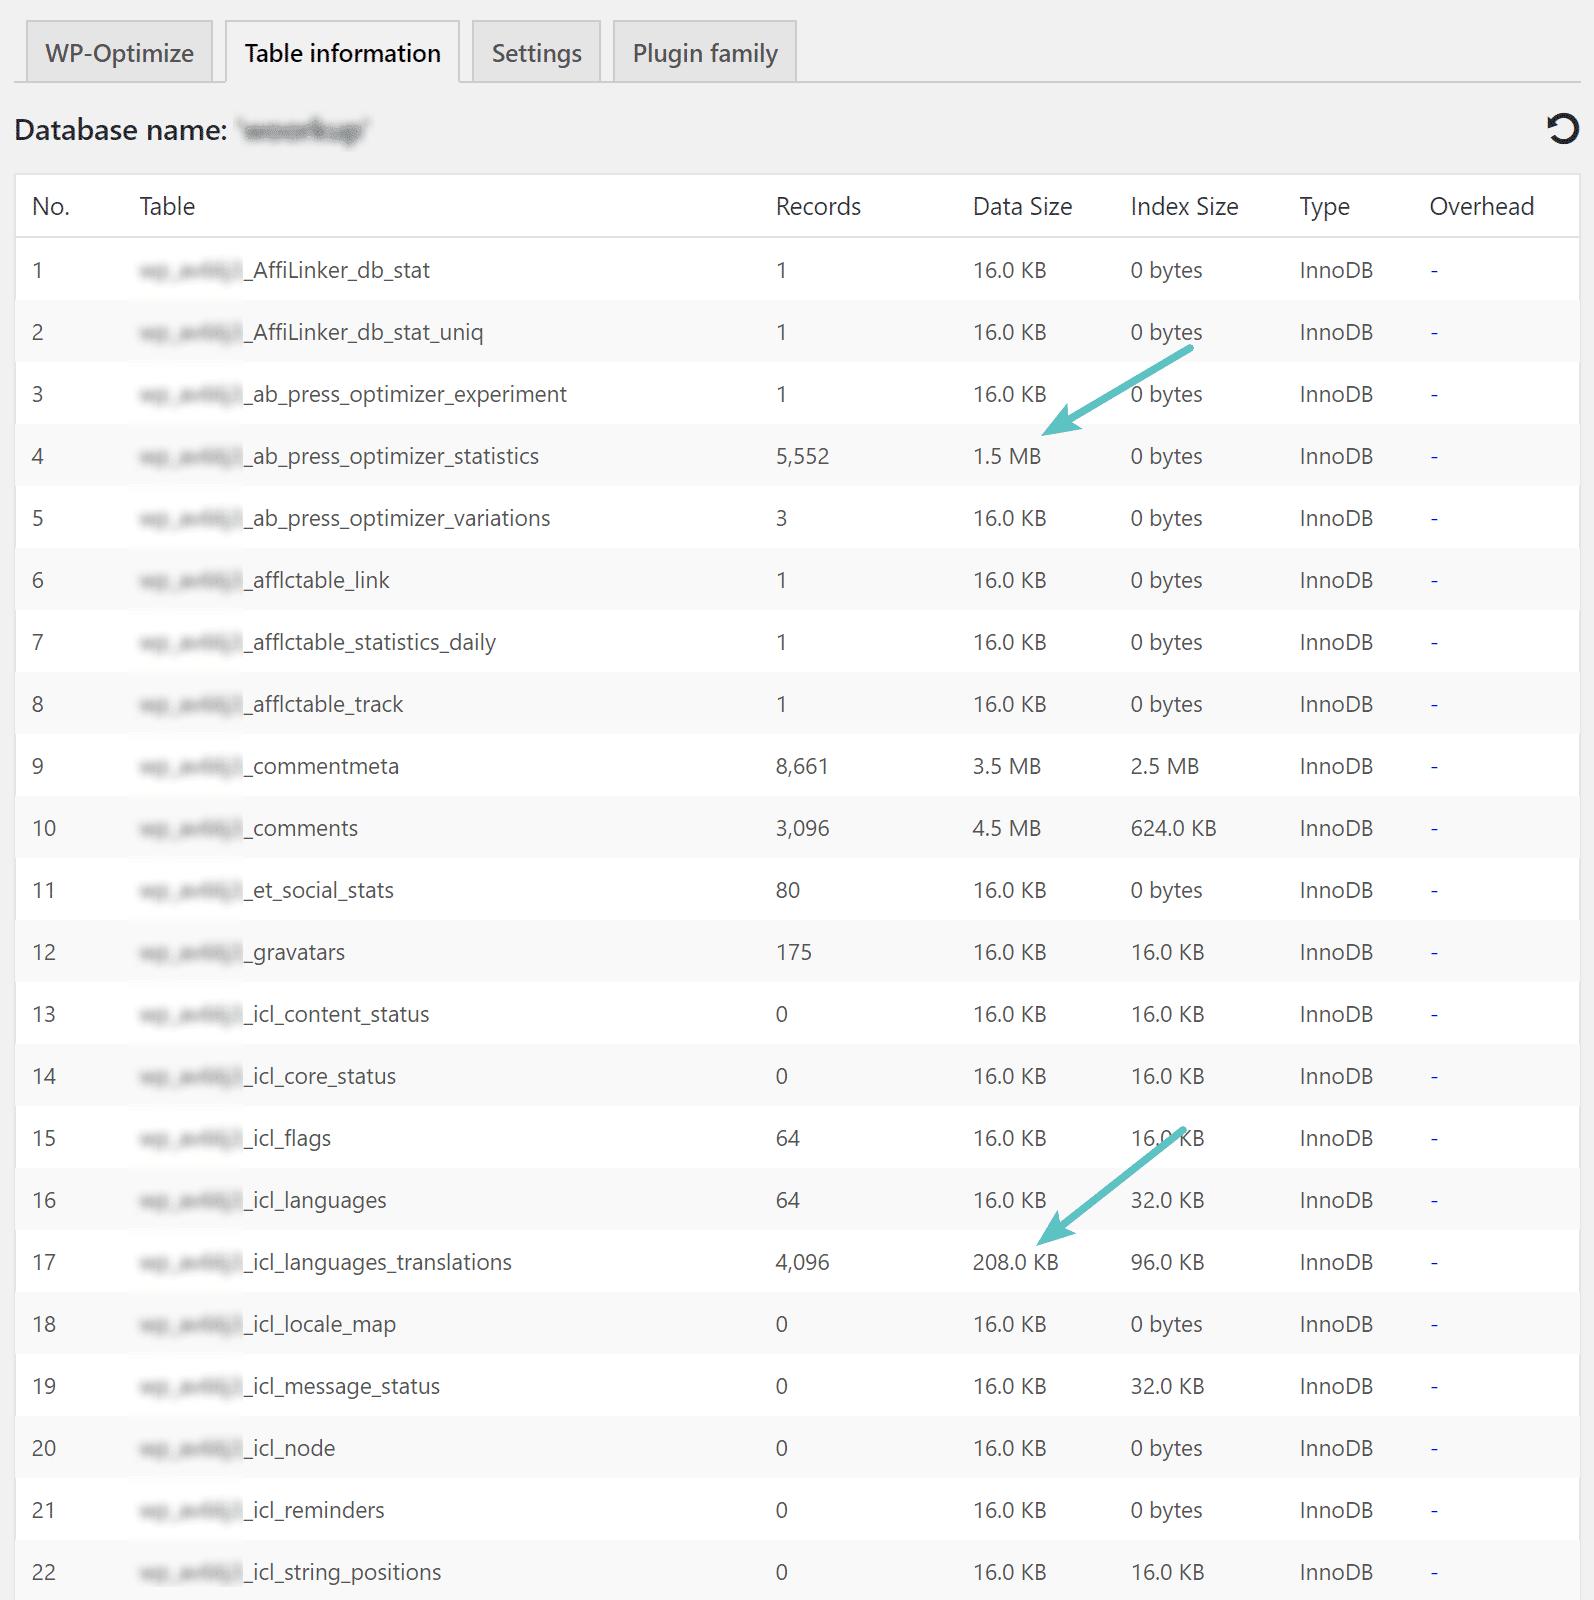 Déchets de base de données